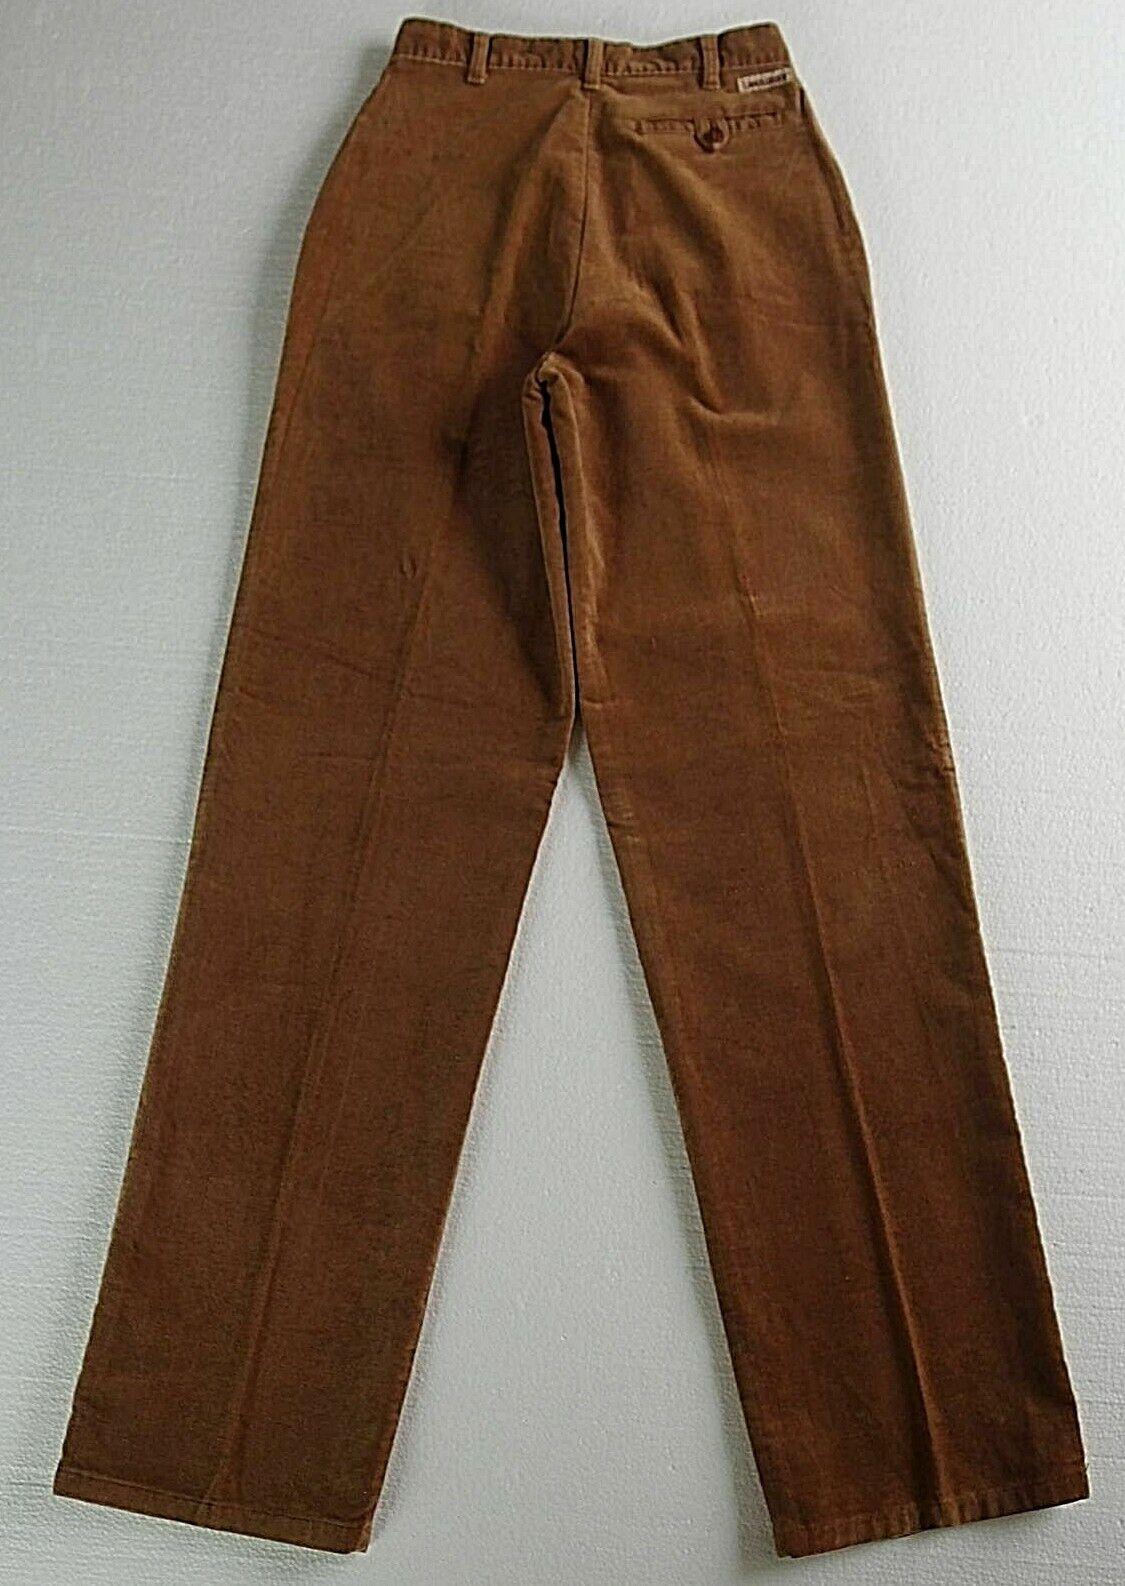 Vintage LANDLUBBER Brown sz 7 Pants Pleats High W… - image 4